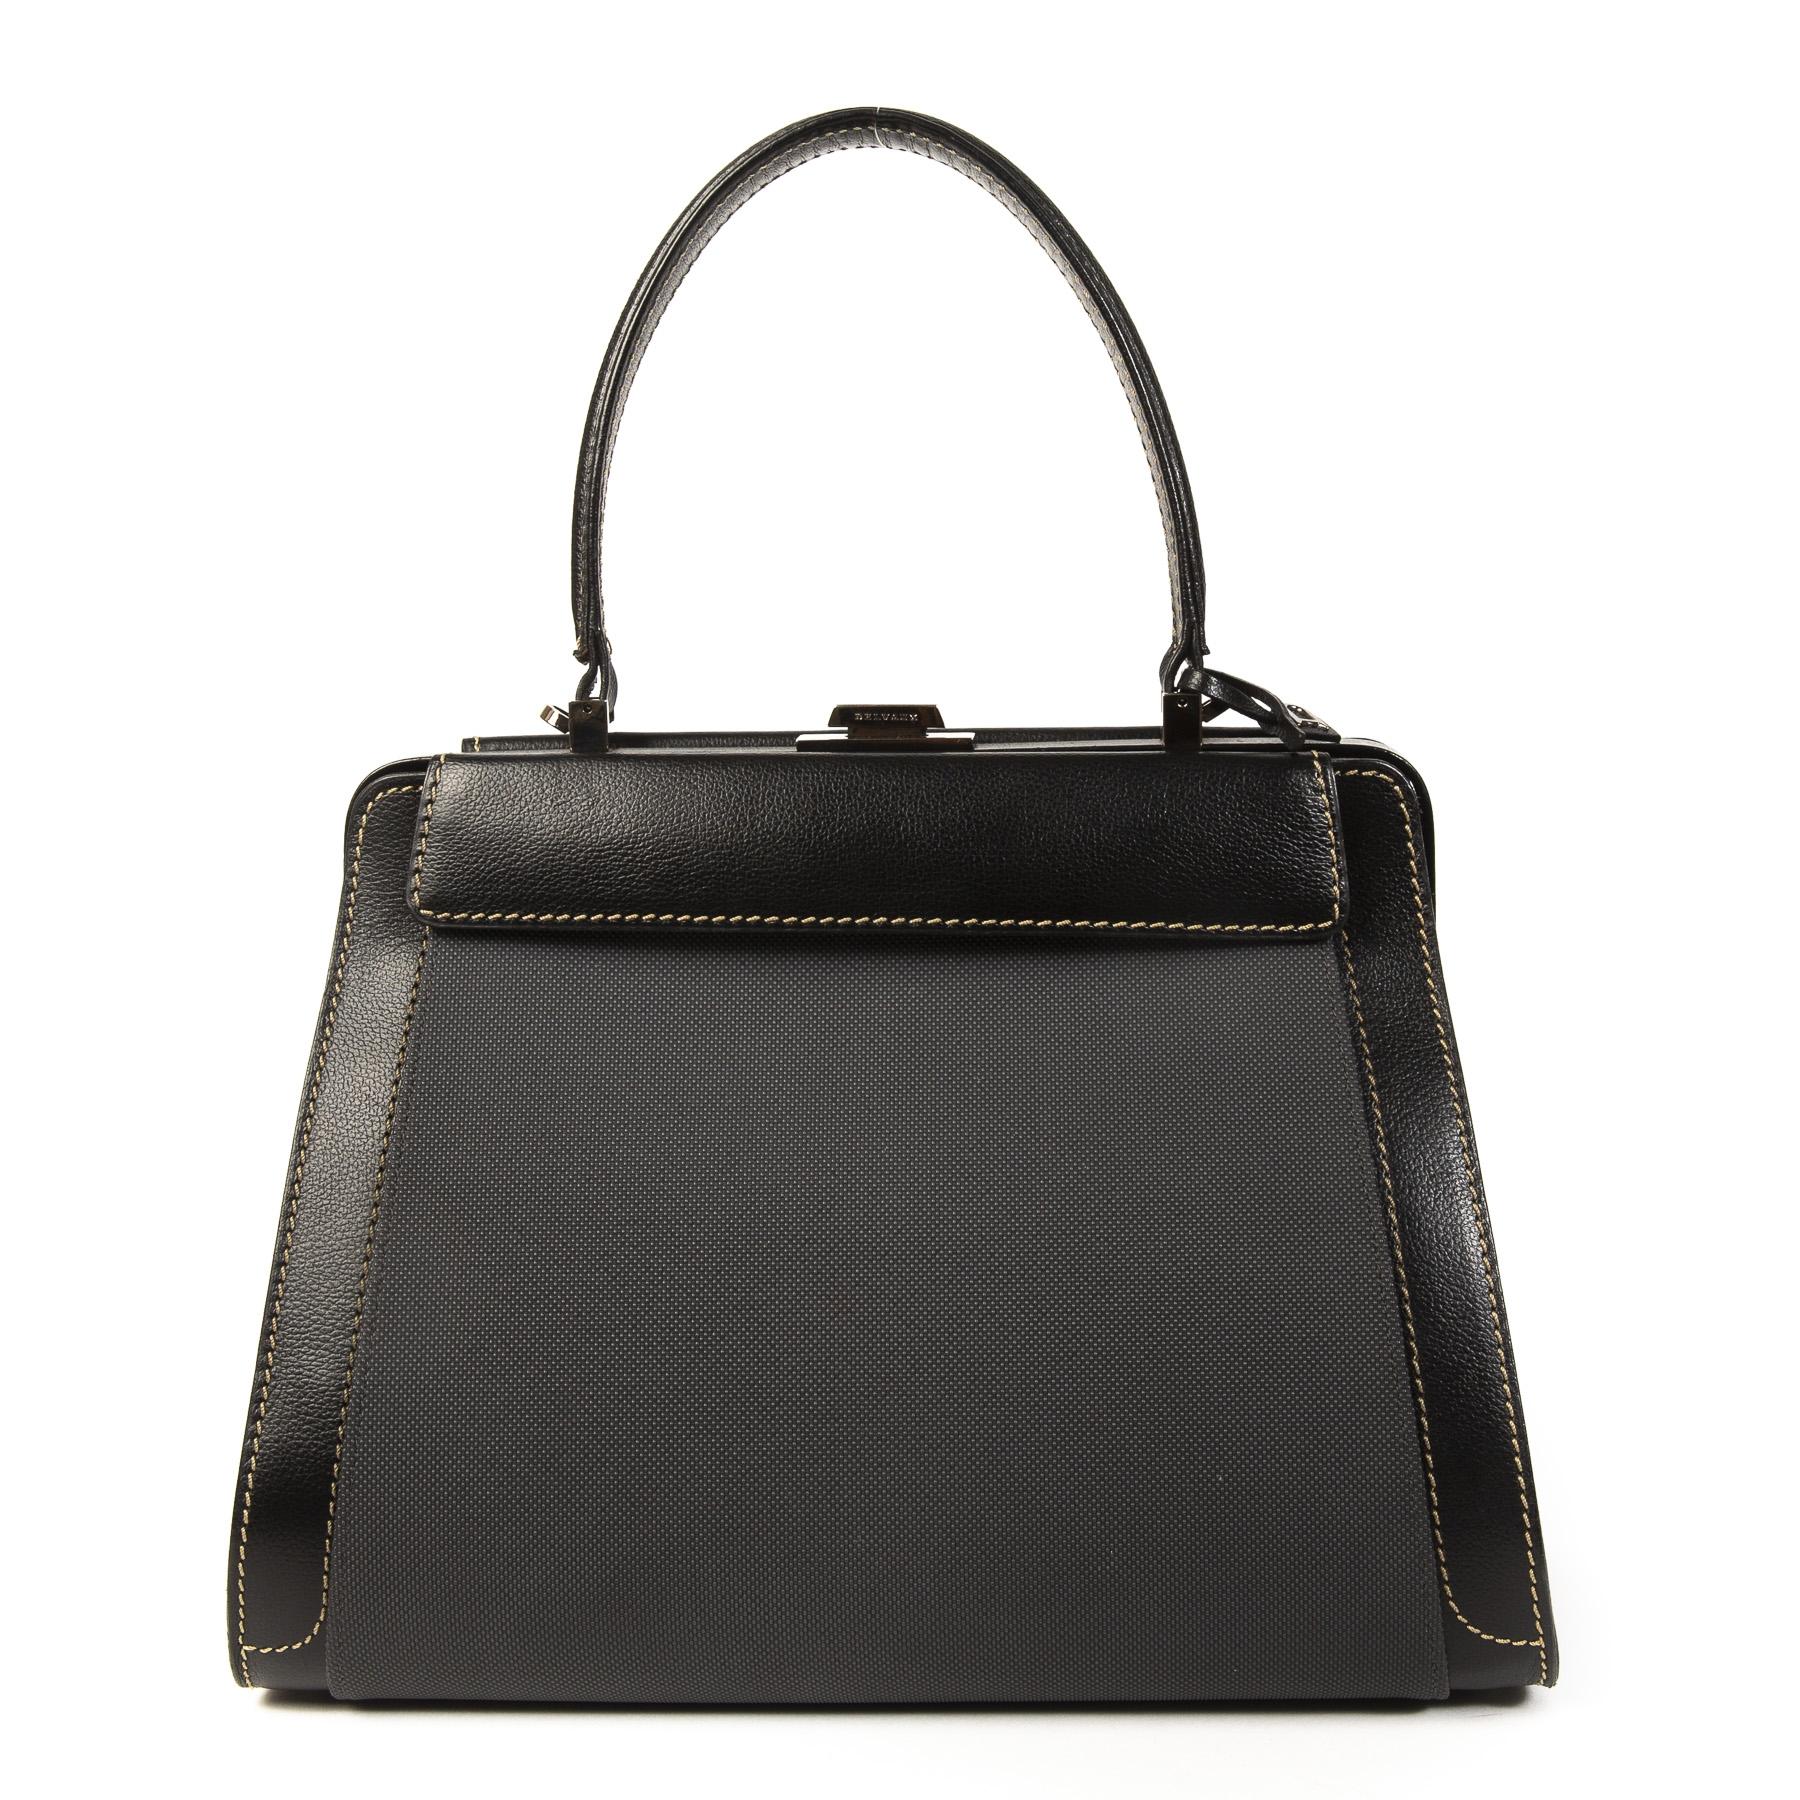 Authentieke Tweedehands Delvaux Black Illusion Bag juiste prijs veilig online shoppen luxe merken webshop winkelen Antwerpen België mode fashion